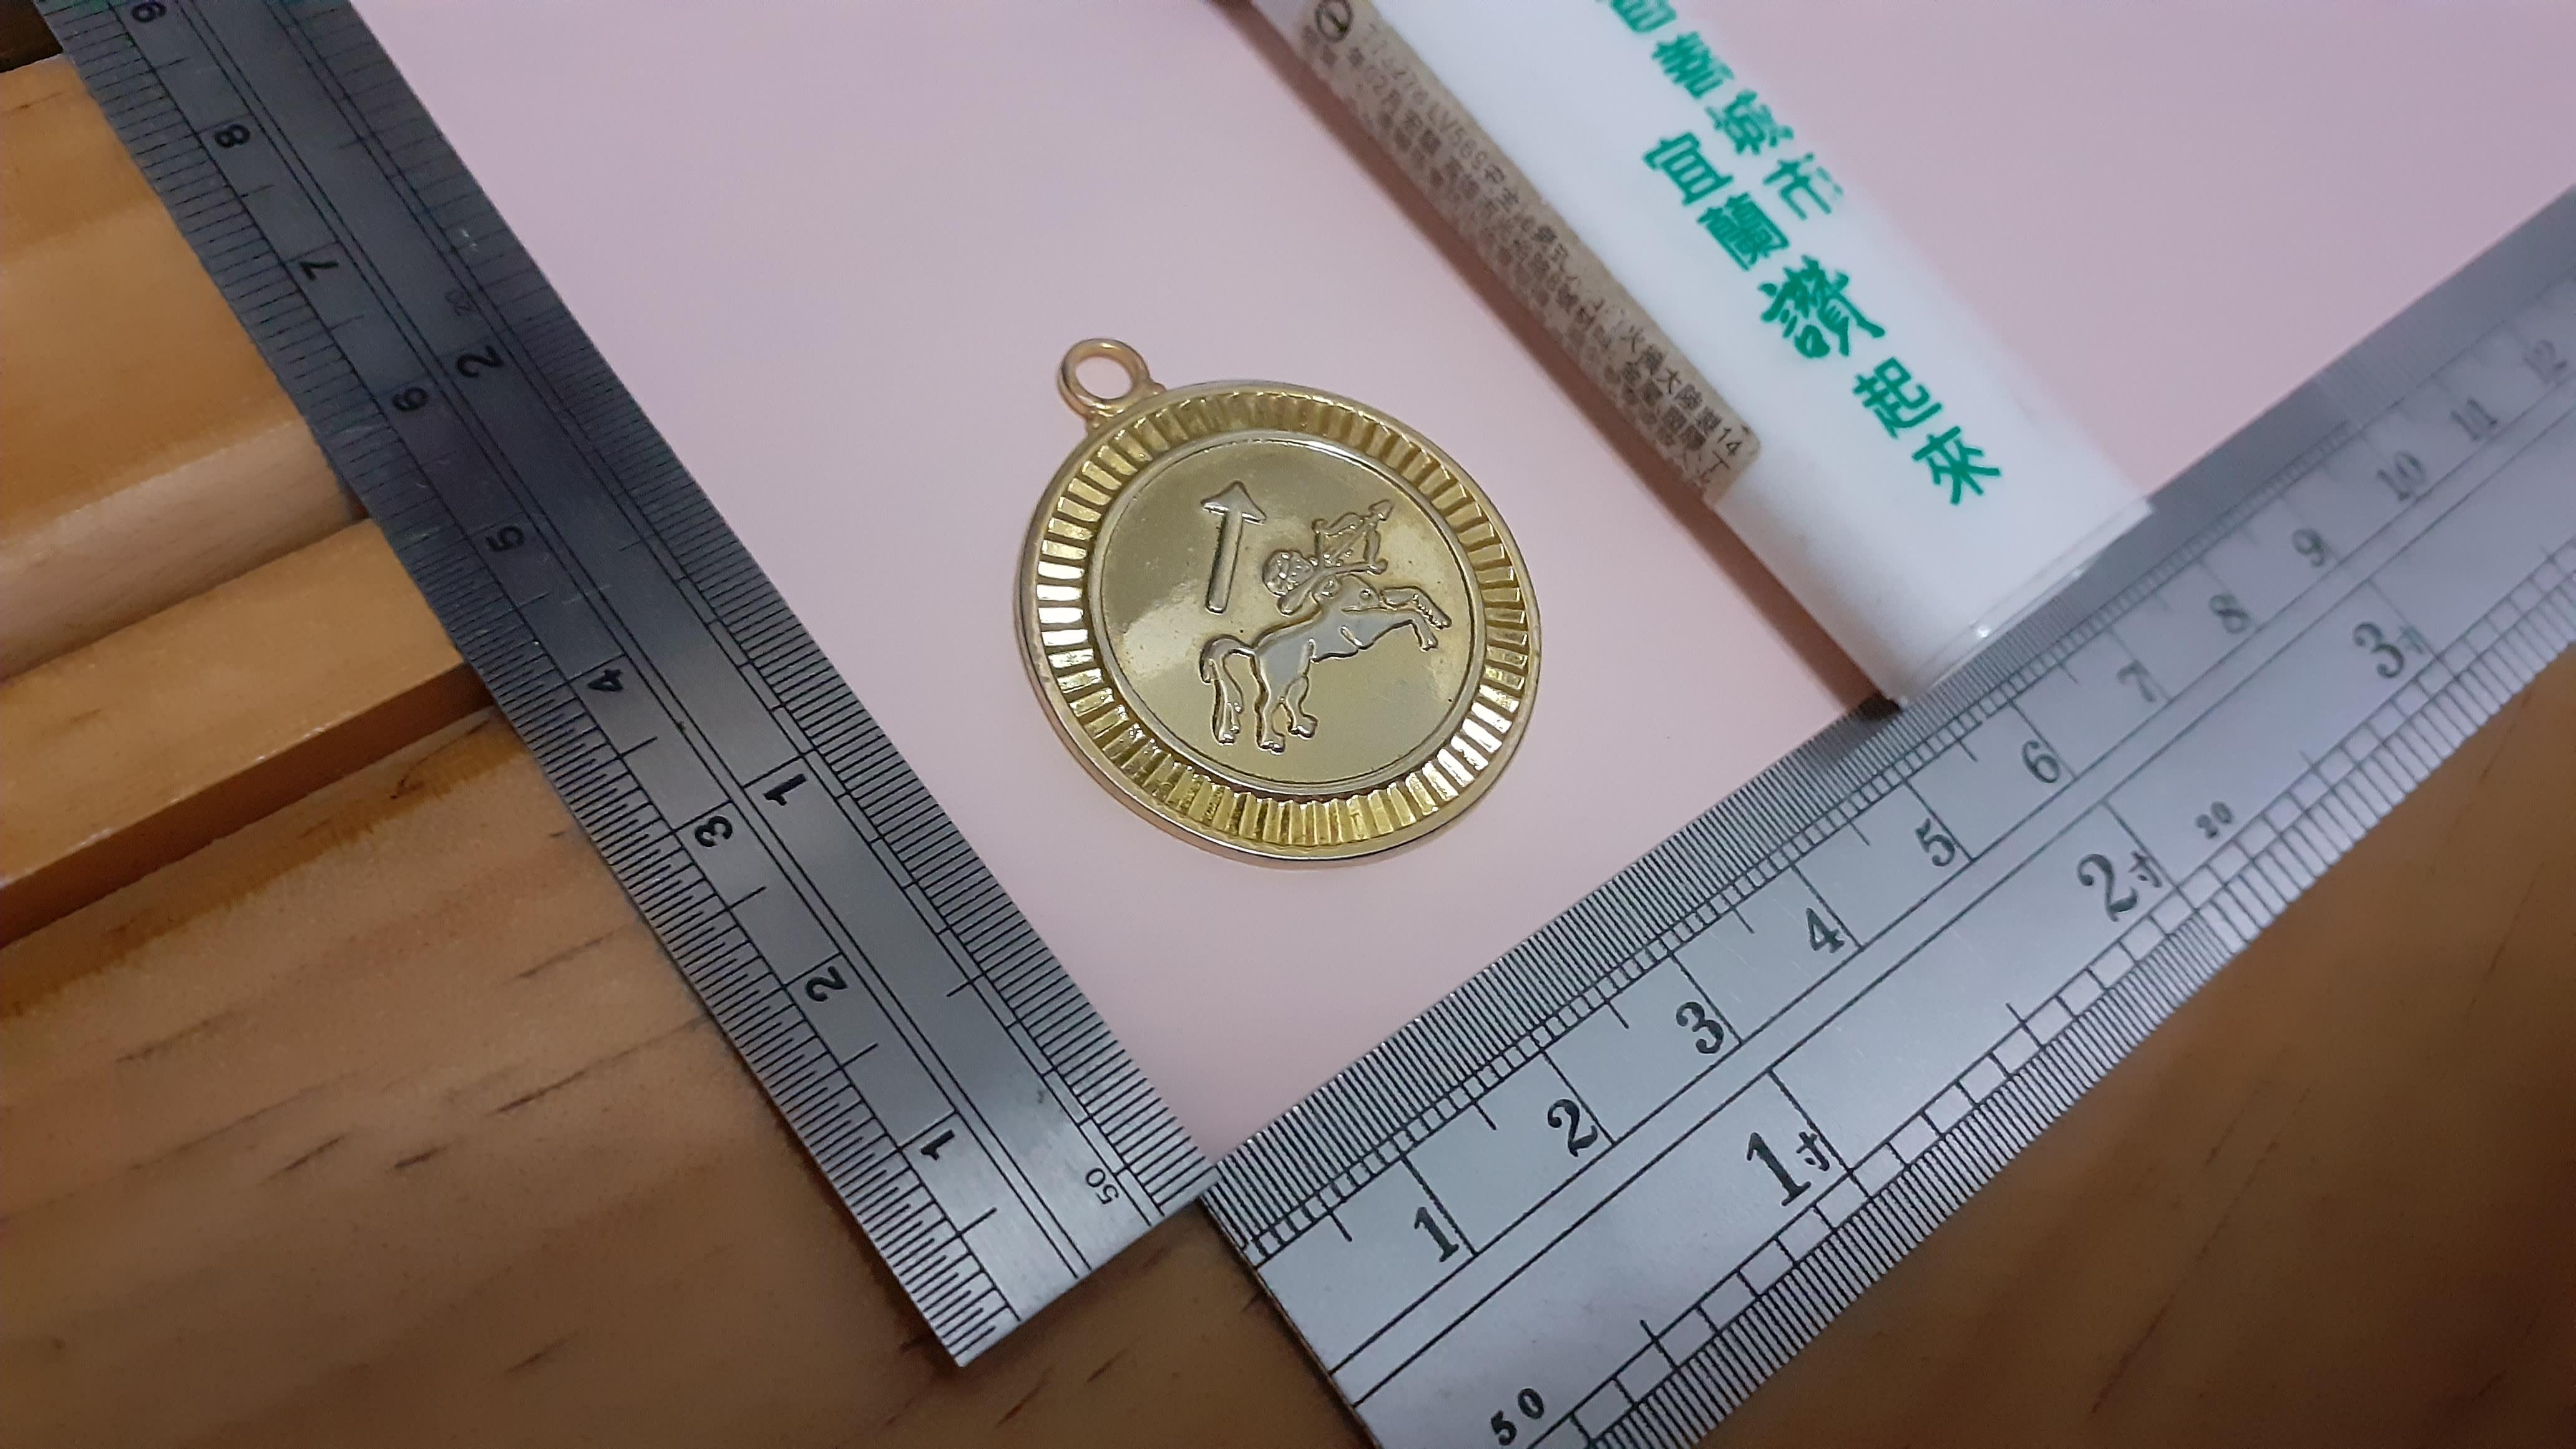 銘馨易拍重生網 109MG24 金色人頭馬 射箭 立體型 徽章 紀念章 吊飾 擺飾 保存如圖(1個ㄧ標)讓藏